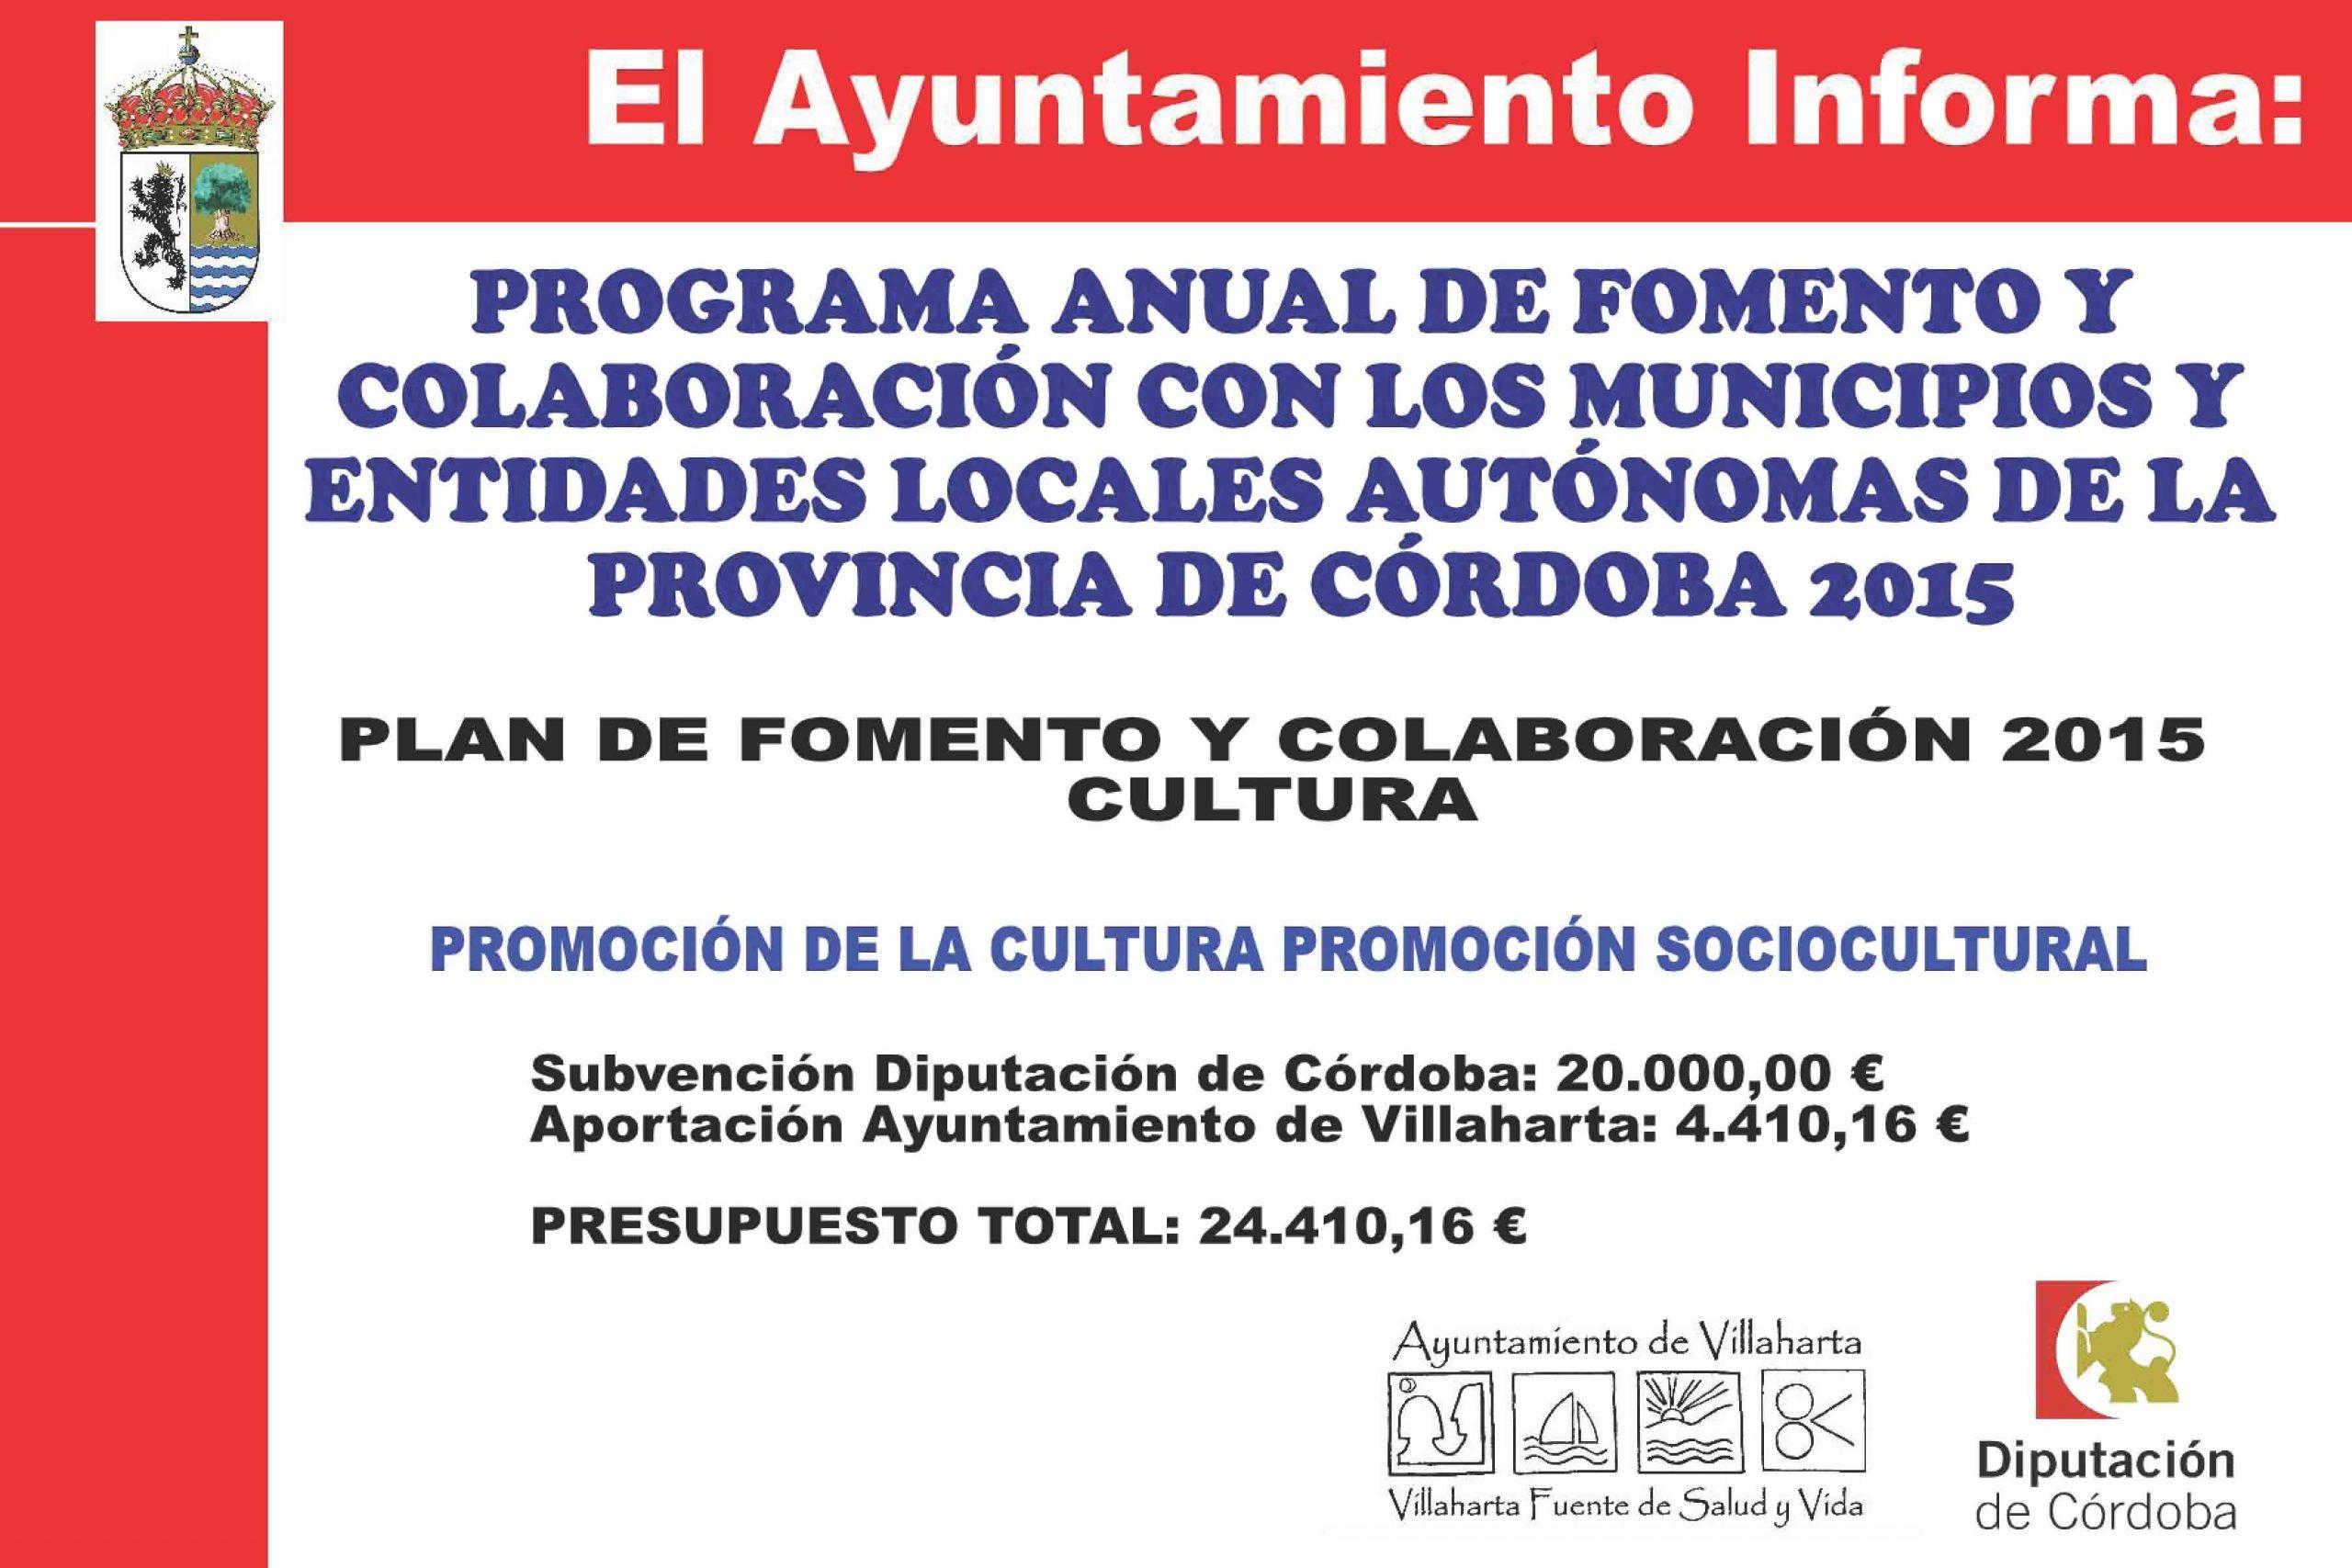 SUBVENCIONES RECIBIDAS. 2015 13